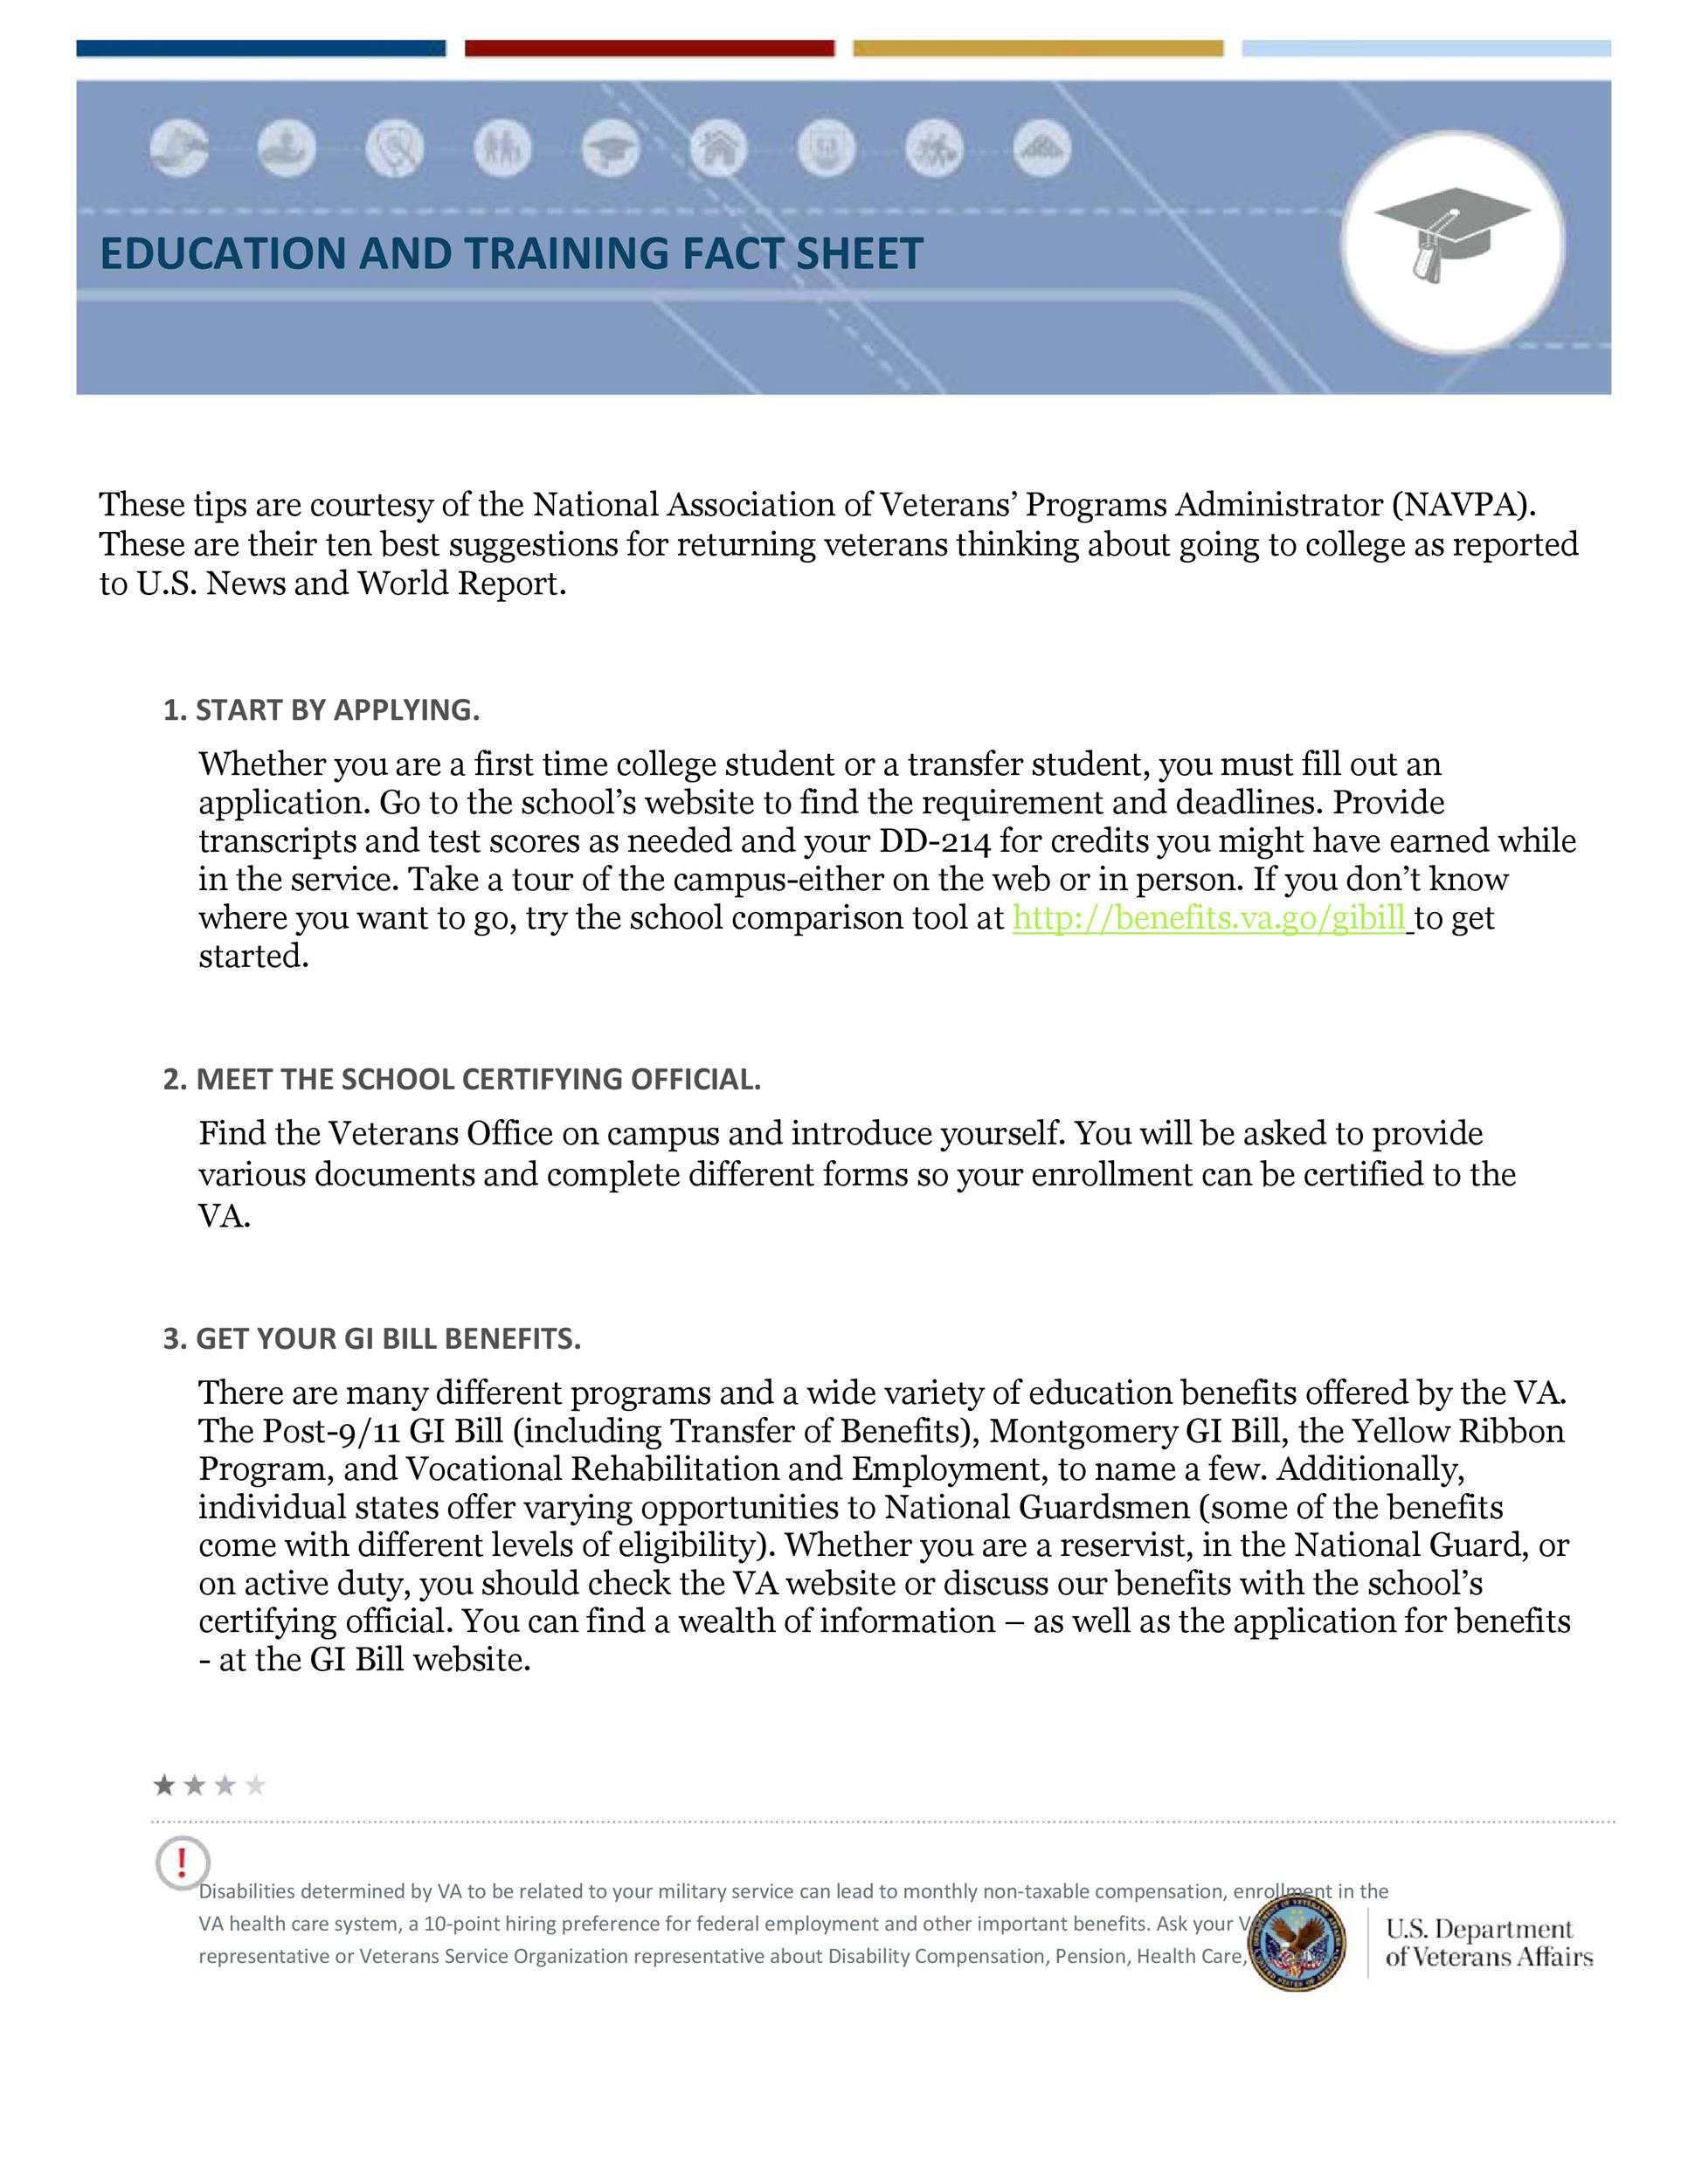 Fact Sheet Template Gallery - Template Design Ideas - fact sheet templates